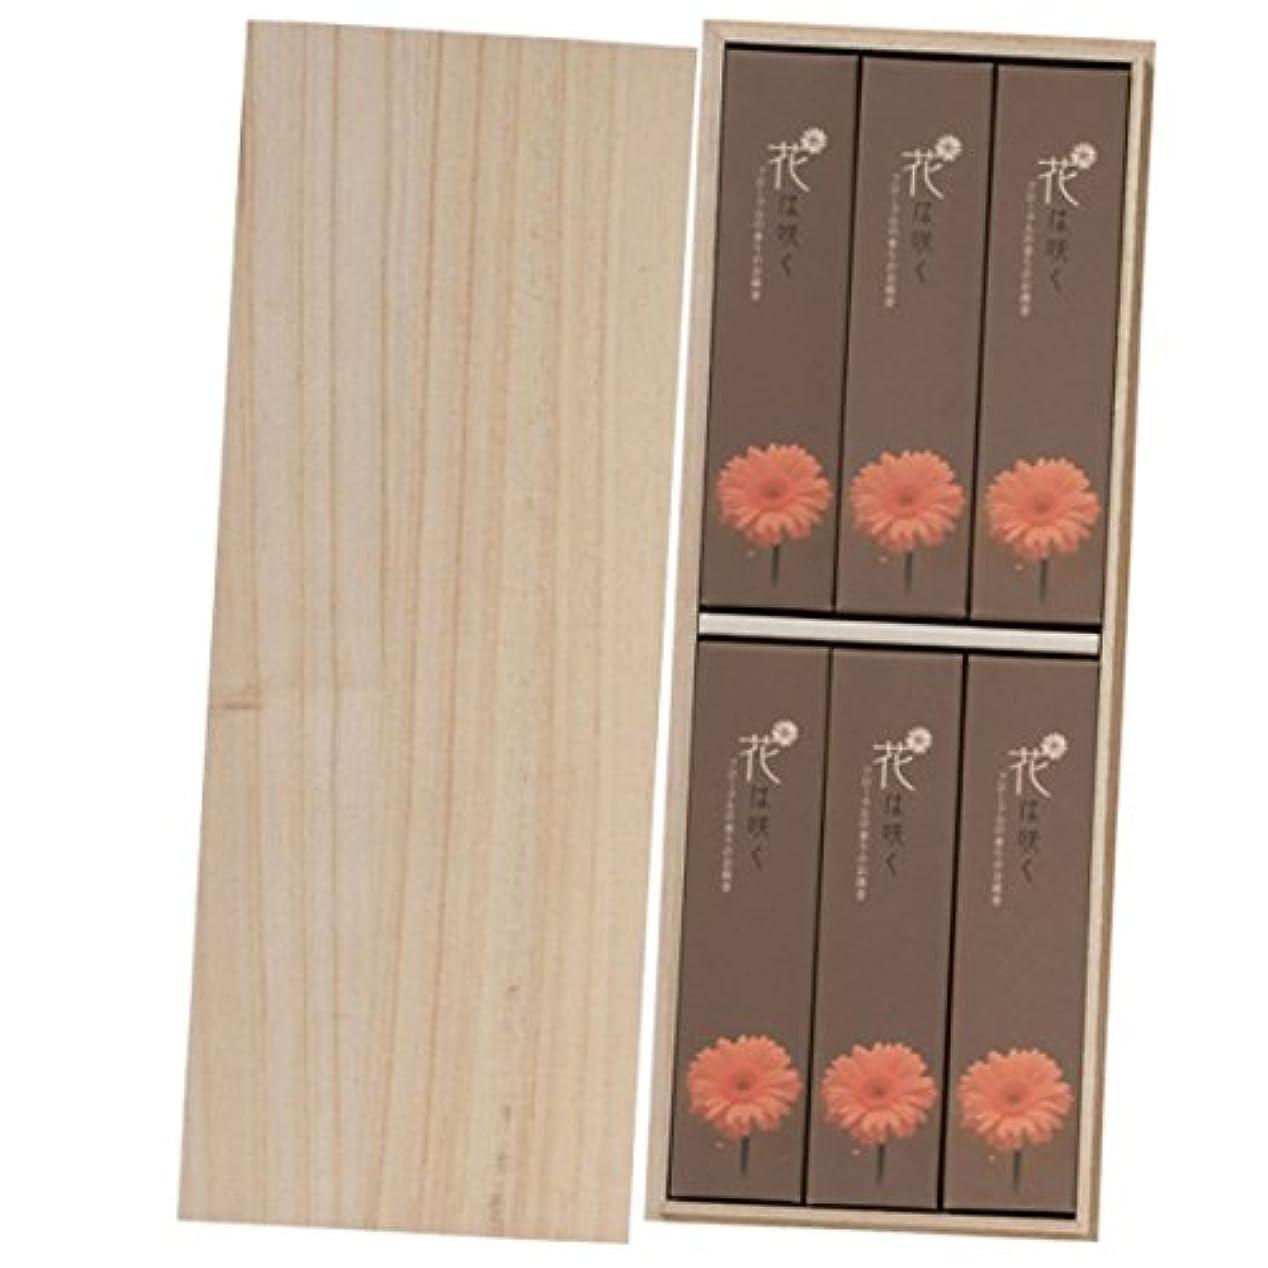 八百屋さんまもなくホイスト花は咲く(進物用桐箱入) 約30g×6箱